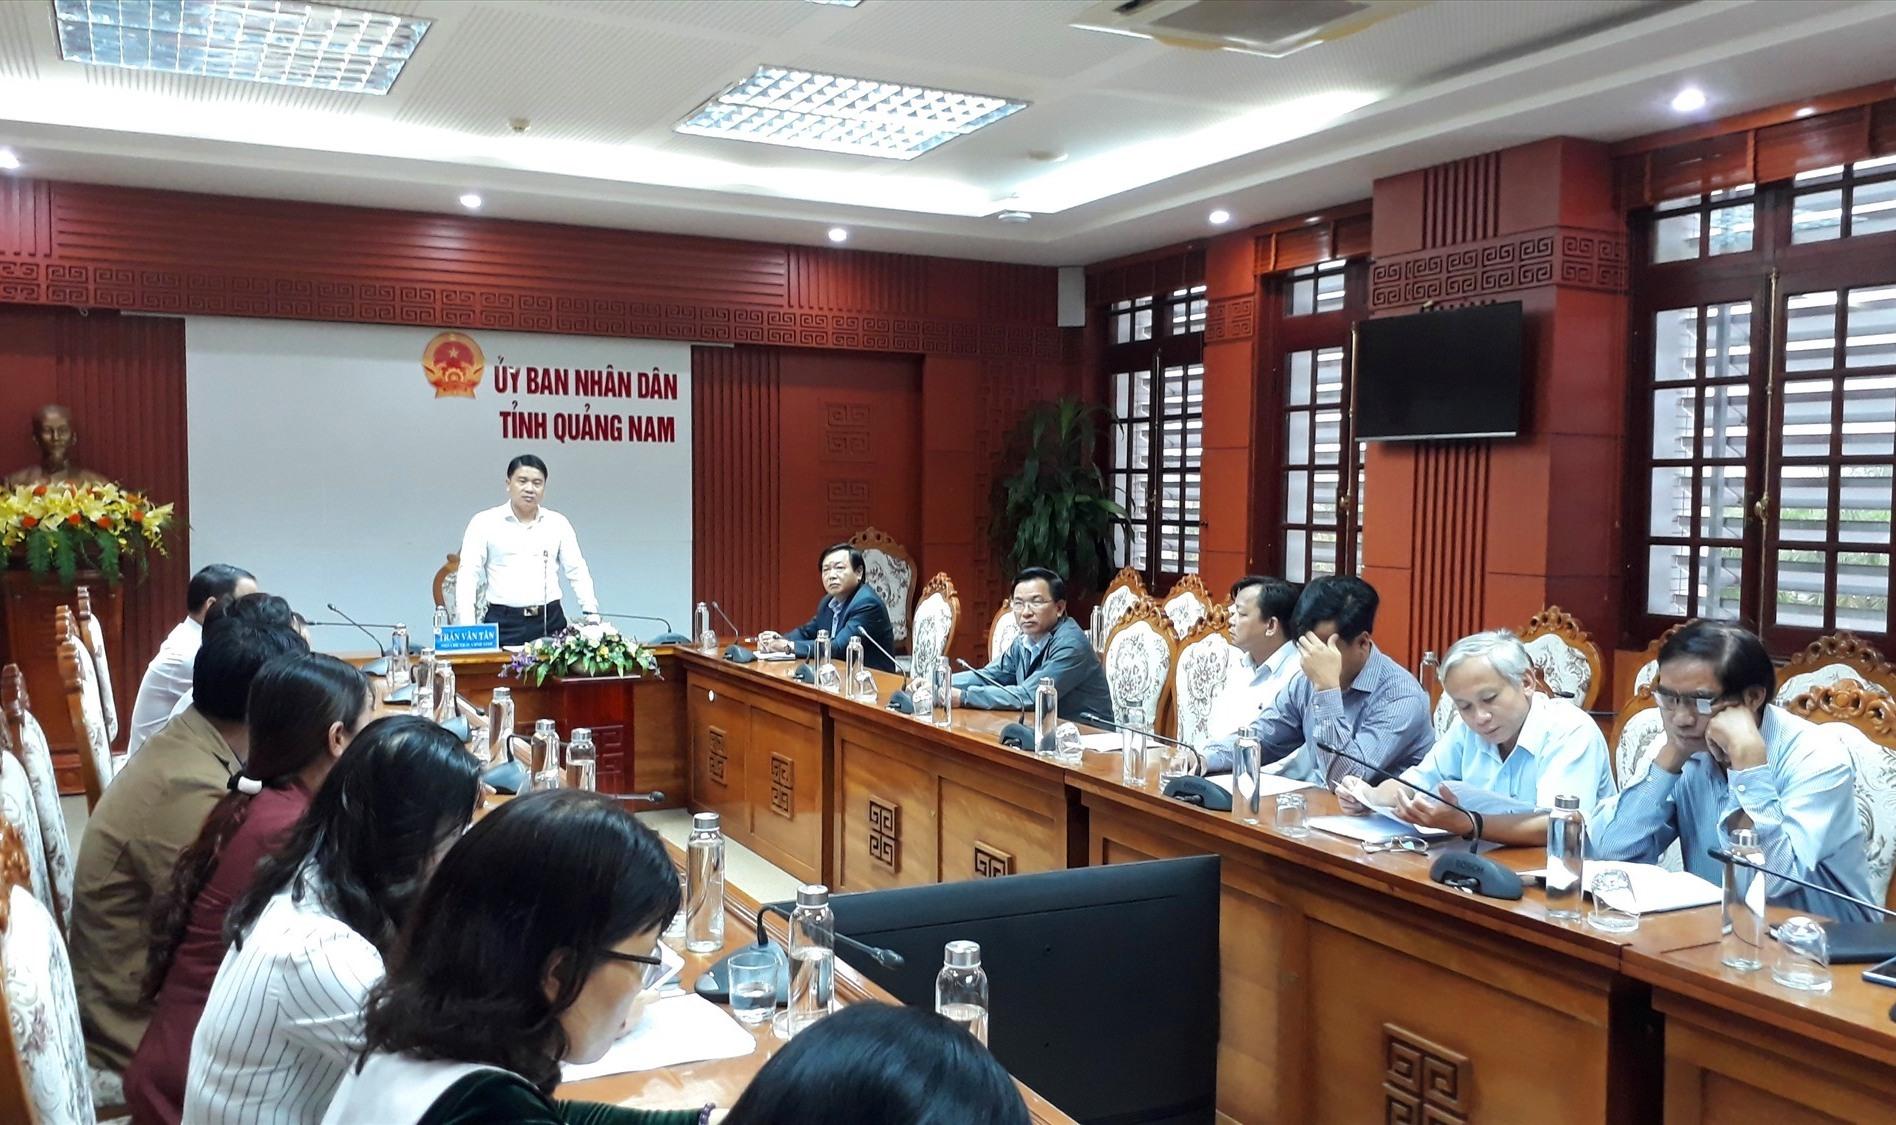 Phó Chủ tịch UBND tỉnh Trần Văn Tân đề nghị toàn ngành chia sẻ, động viên giáo viên dạy lớp 1. Ảnh: X.P